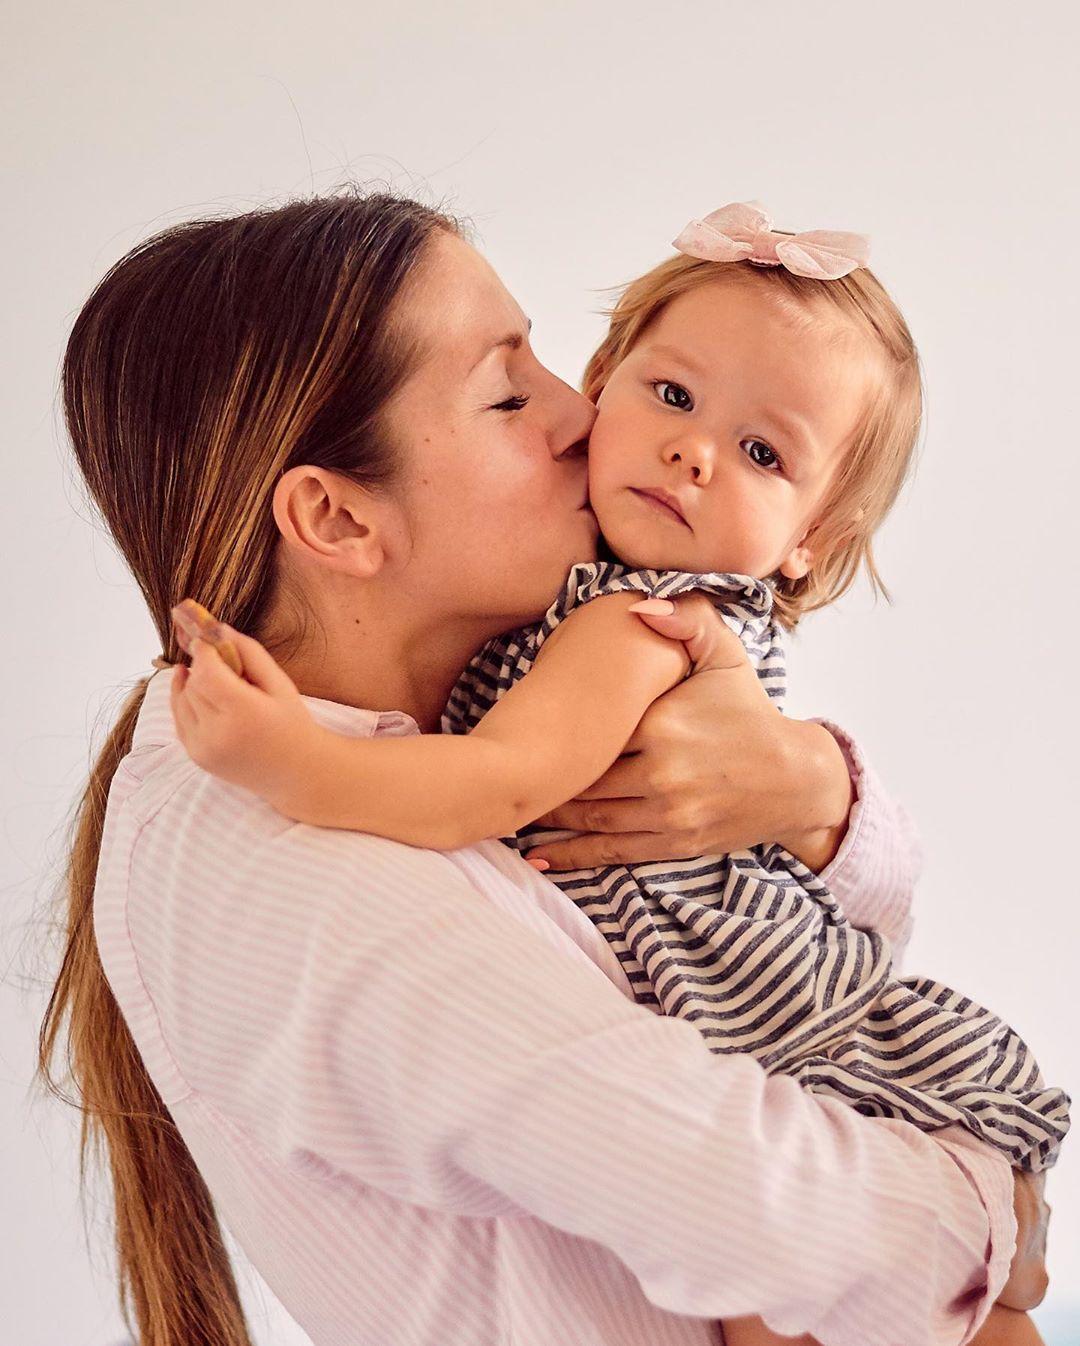 Нюша показала милое фото со своей дочкой